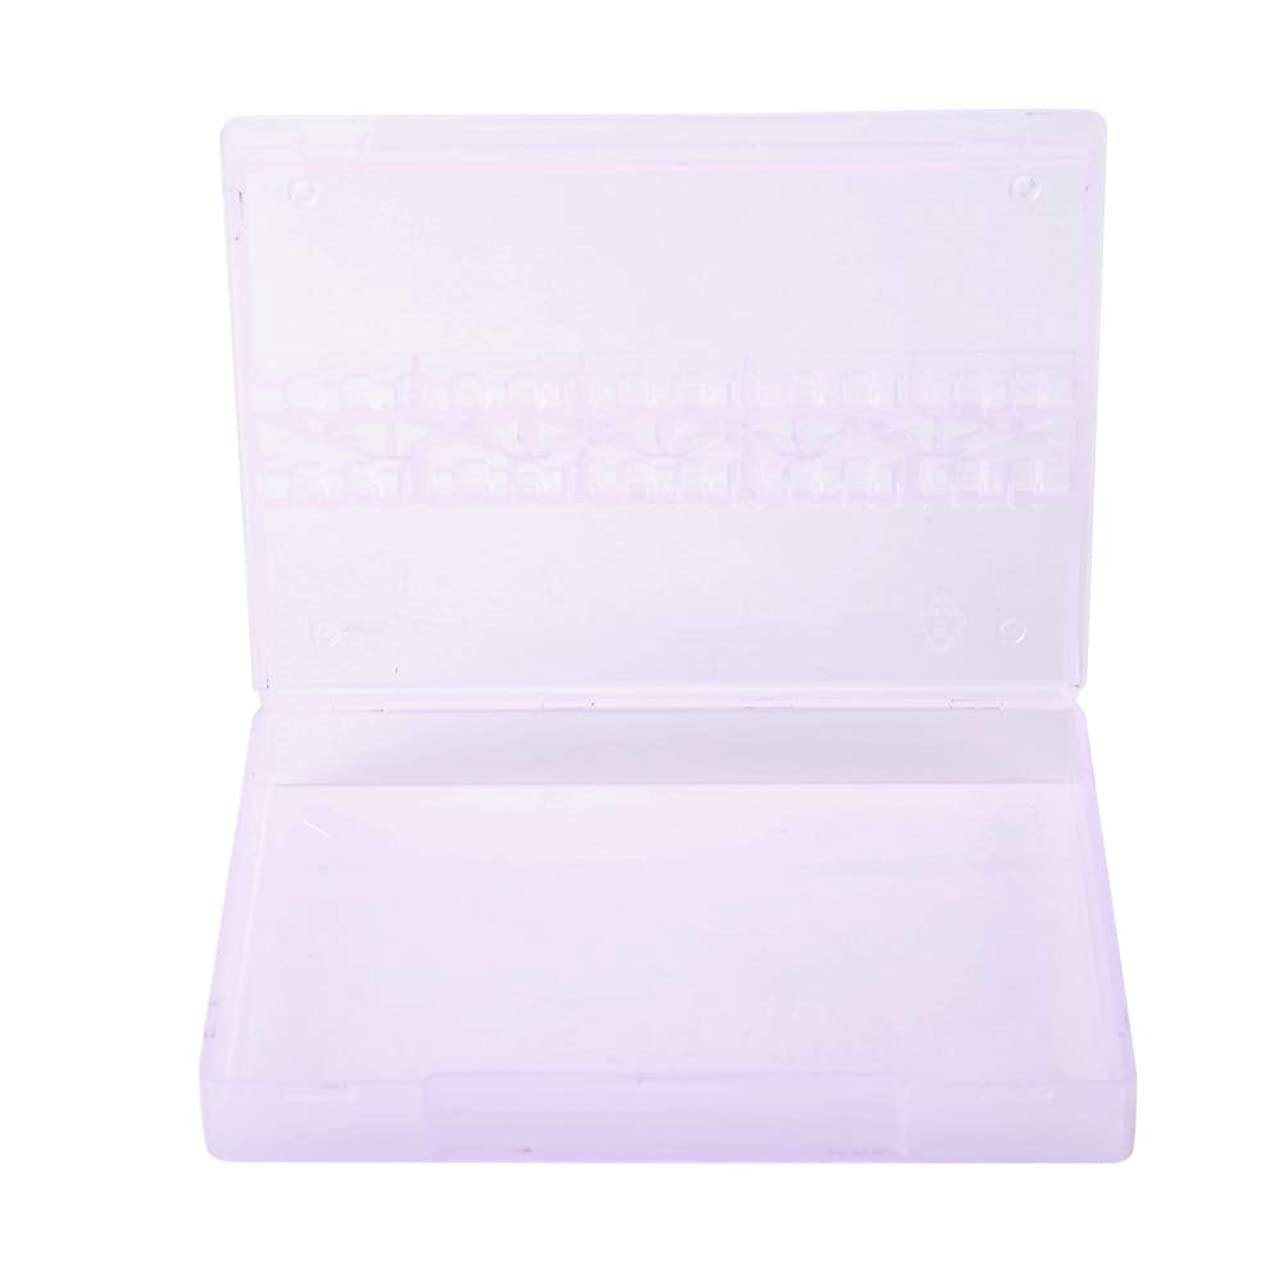 ストレージボックス、14グリッドネイルドリルビットストレージネイルアートネイルポリッシュヘッドディスプレイケースネイルツールコンテナ(紫の)